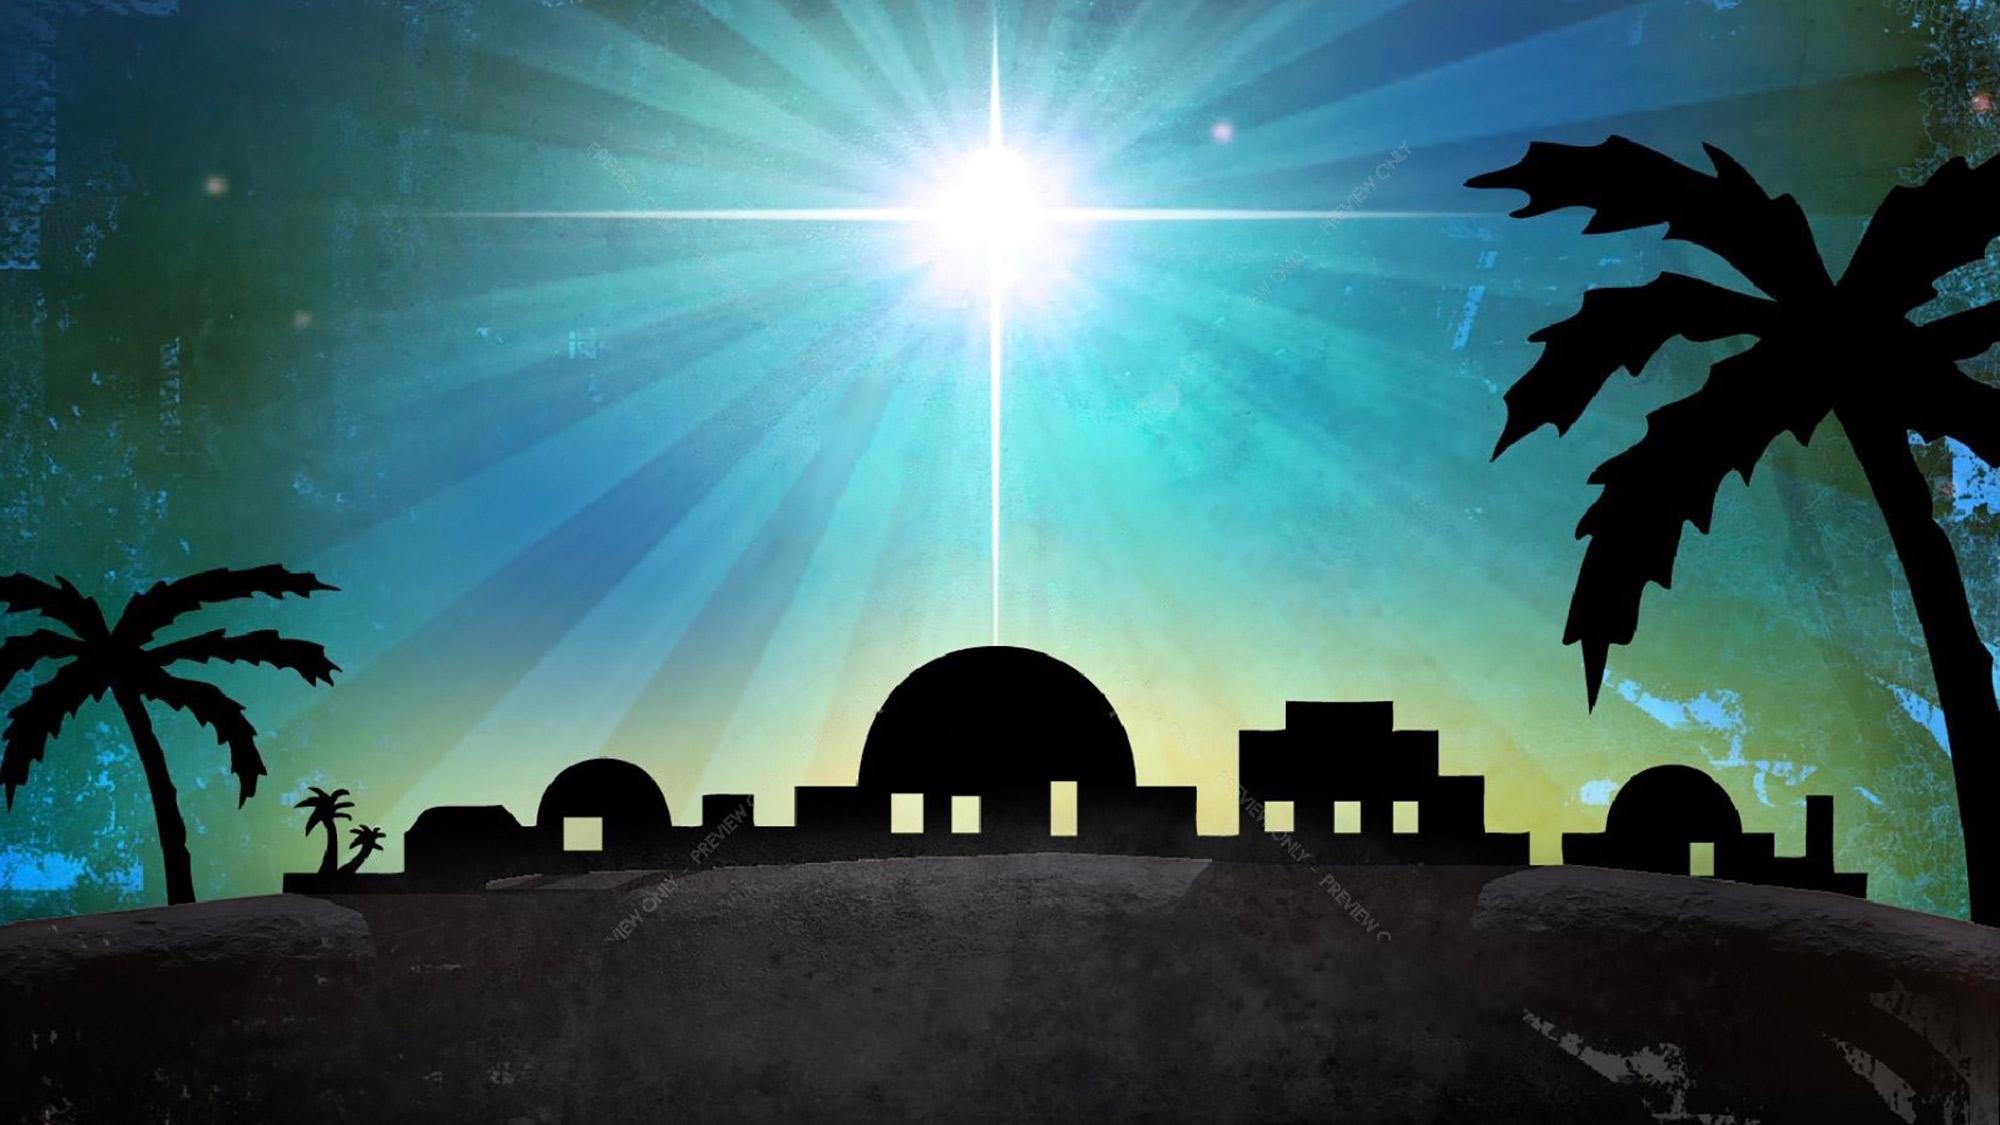 Bethlehem sky line